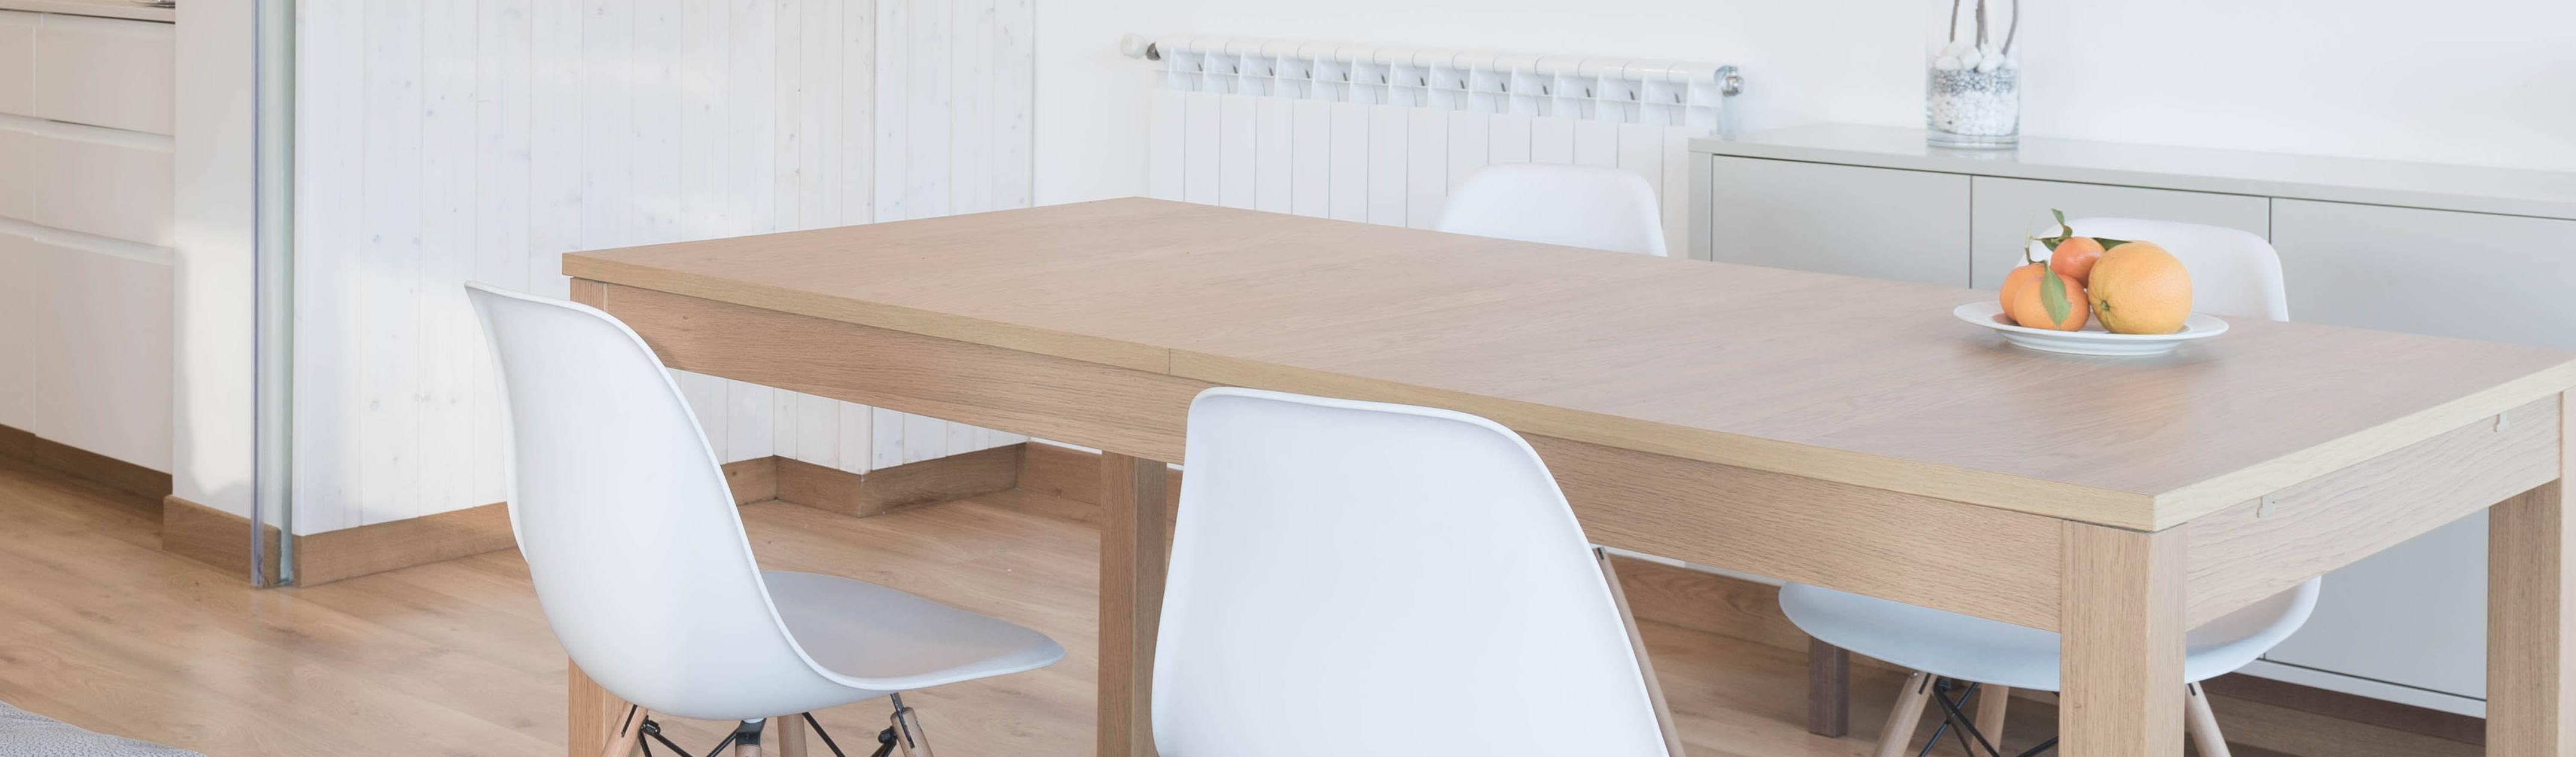 Proyecto de renovaci n de mobiliario y paramentos - Proyecto de diseno de interiores ...